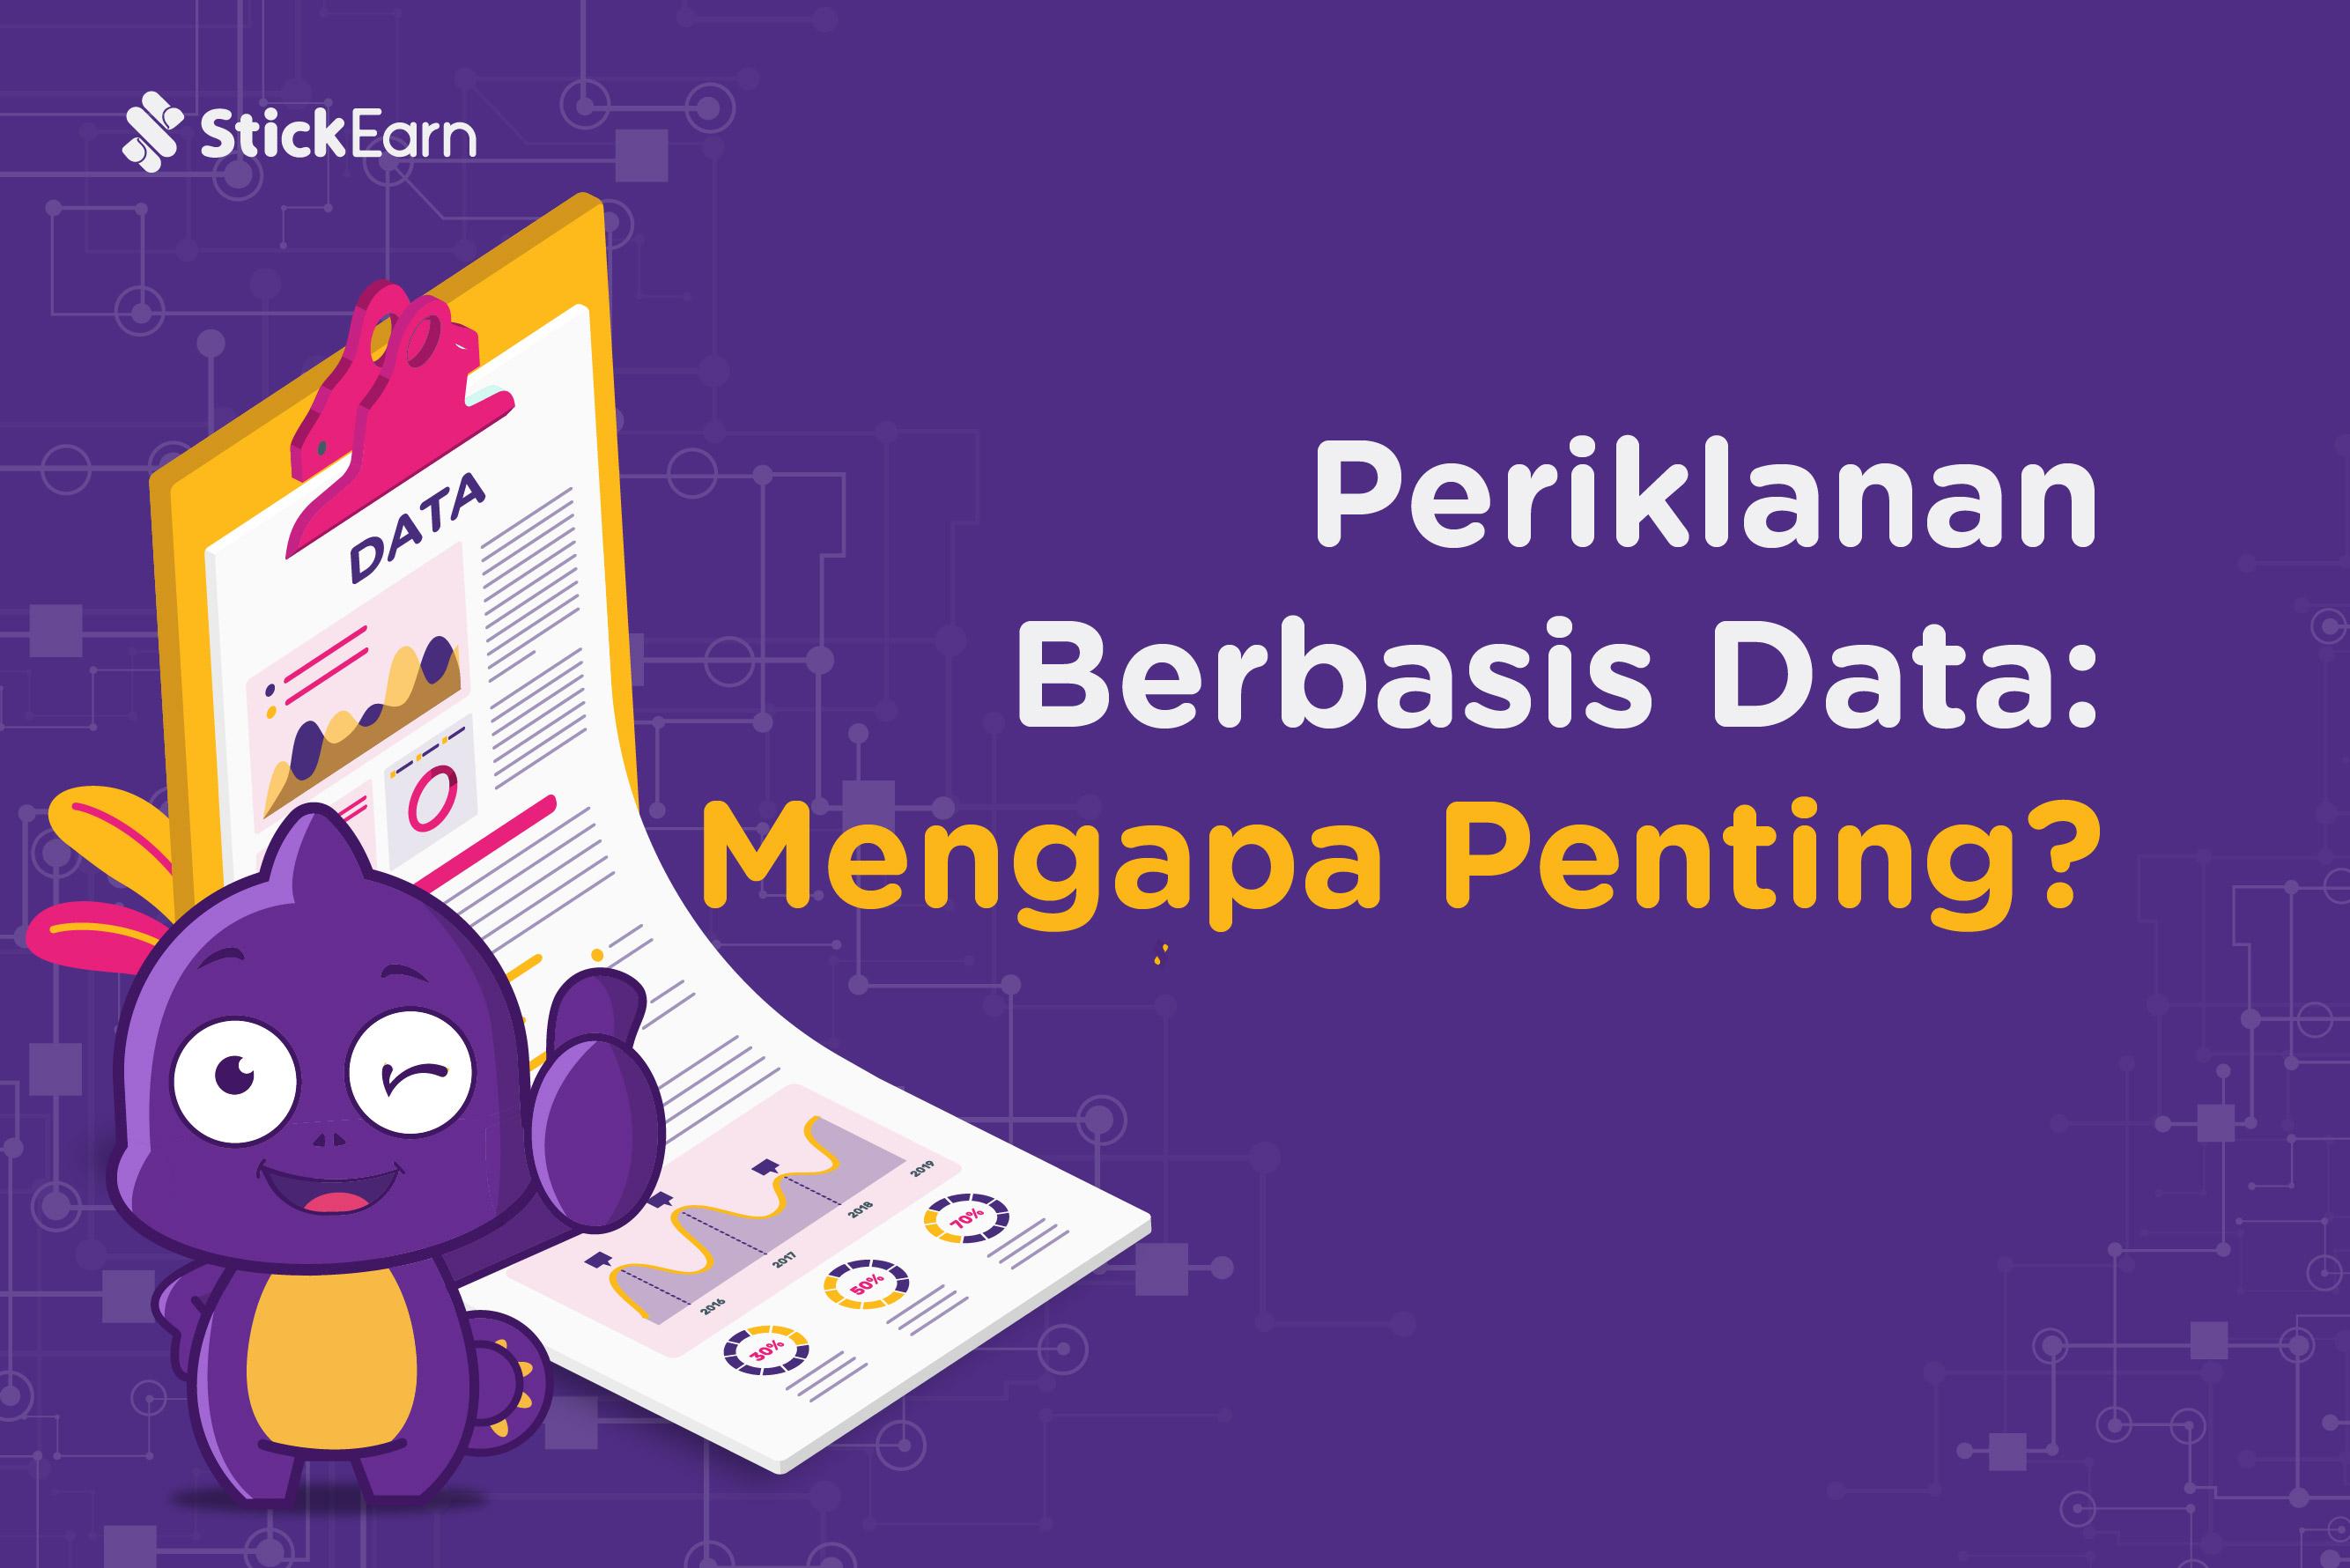 StickEarn sebagai advertising technology startup di Indonesia memiliki teknologi pengukuran efektivitas iklan luar ruang yang canggih.